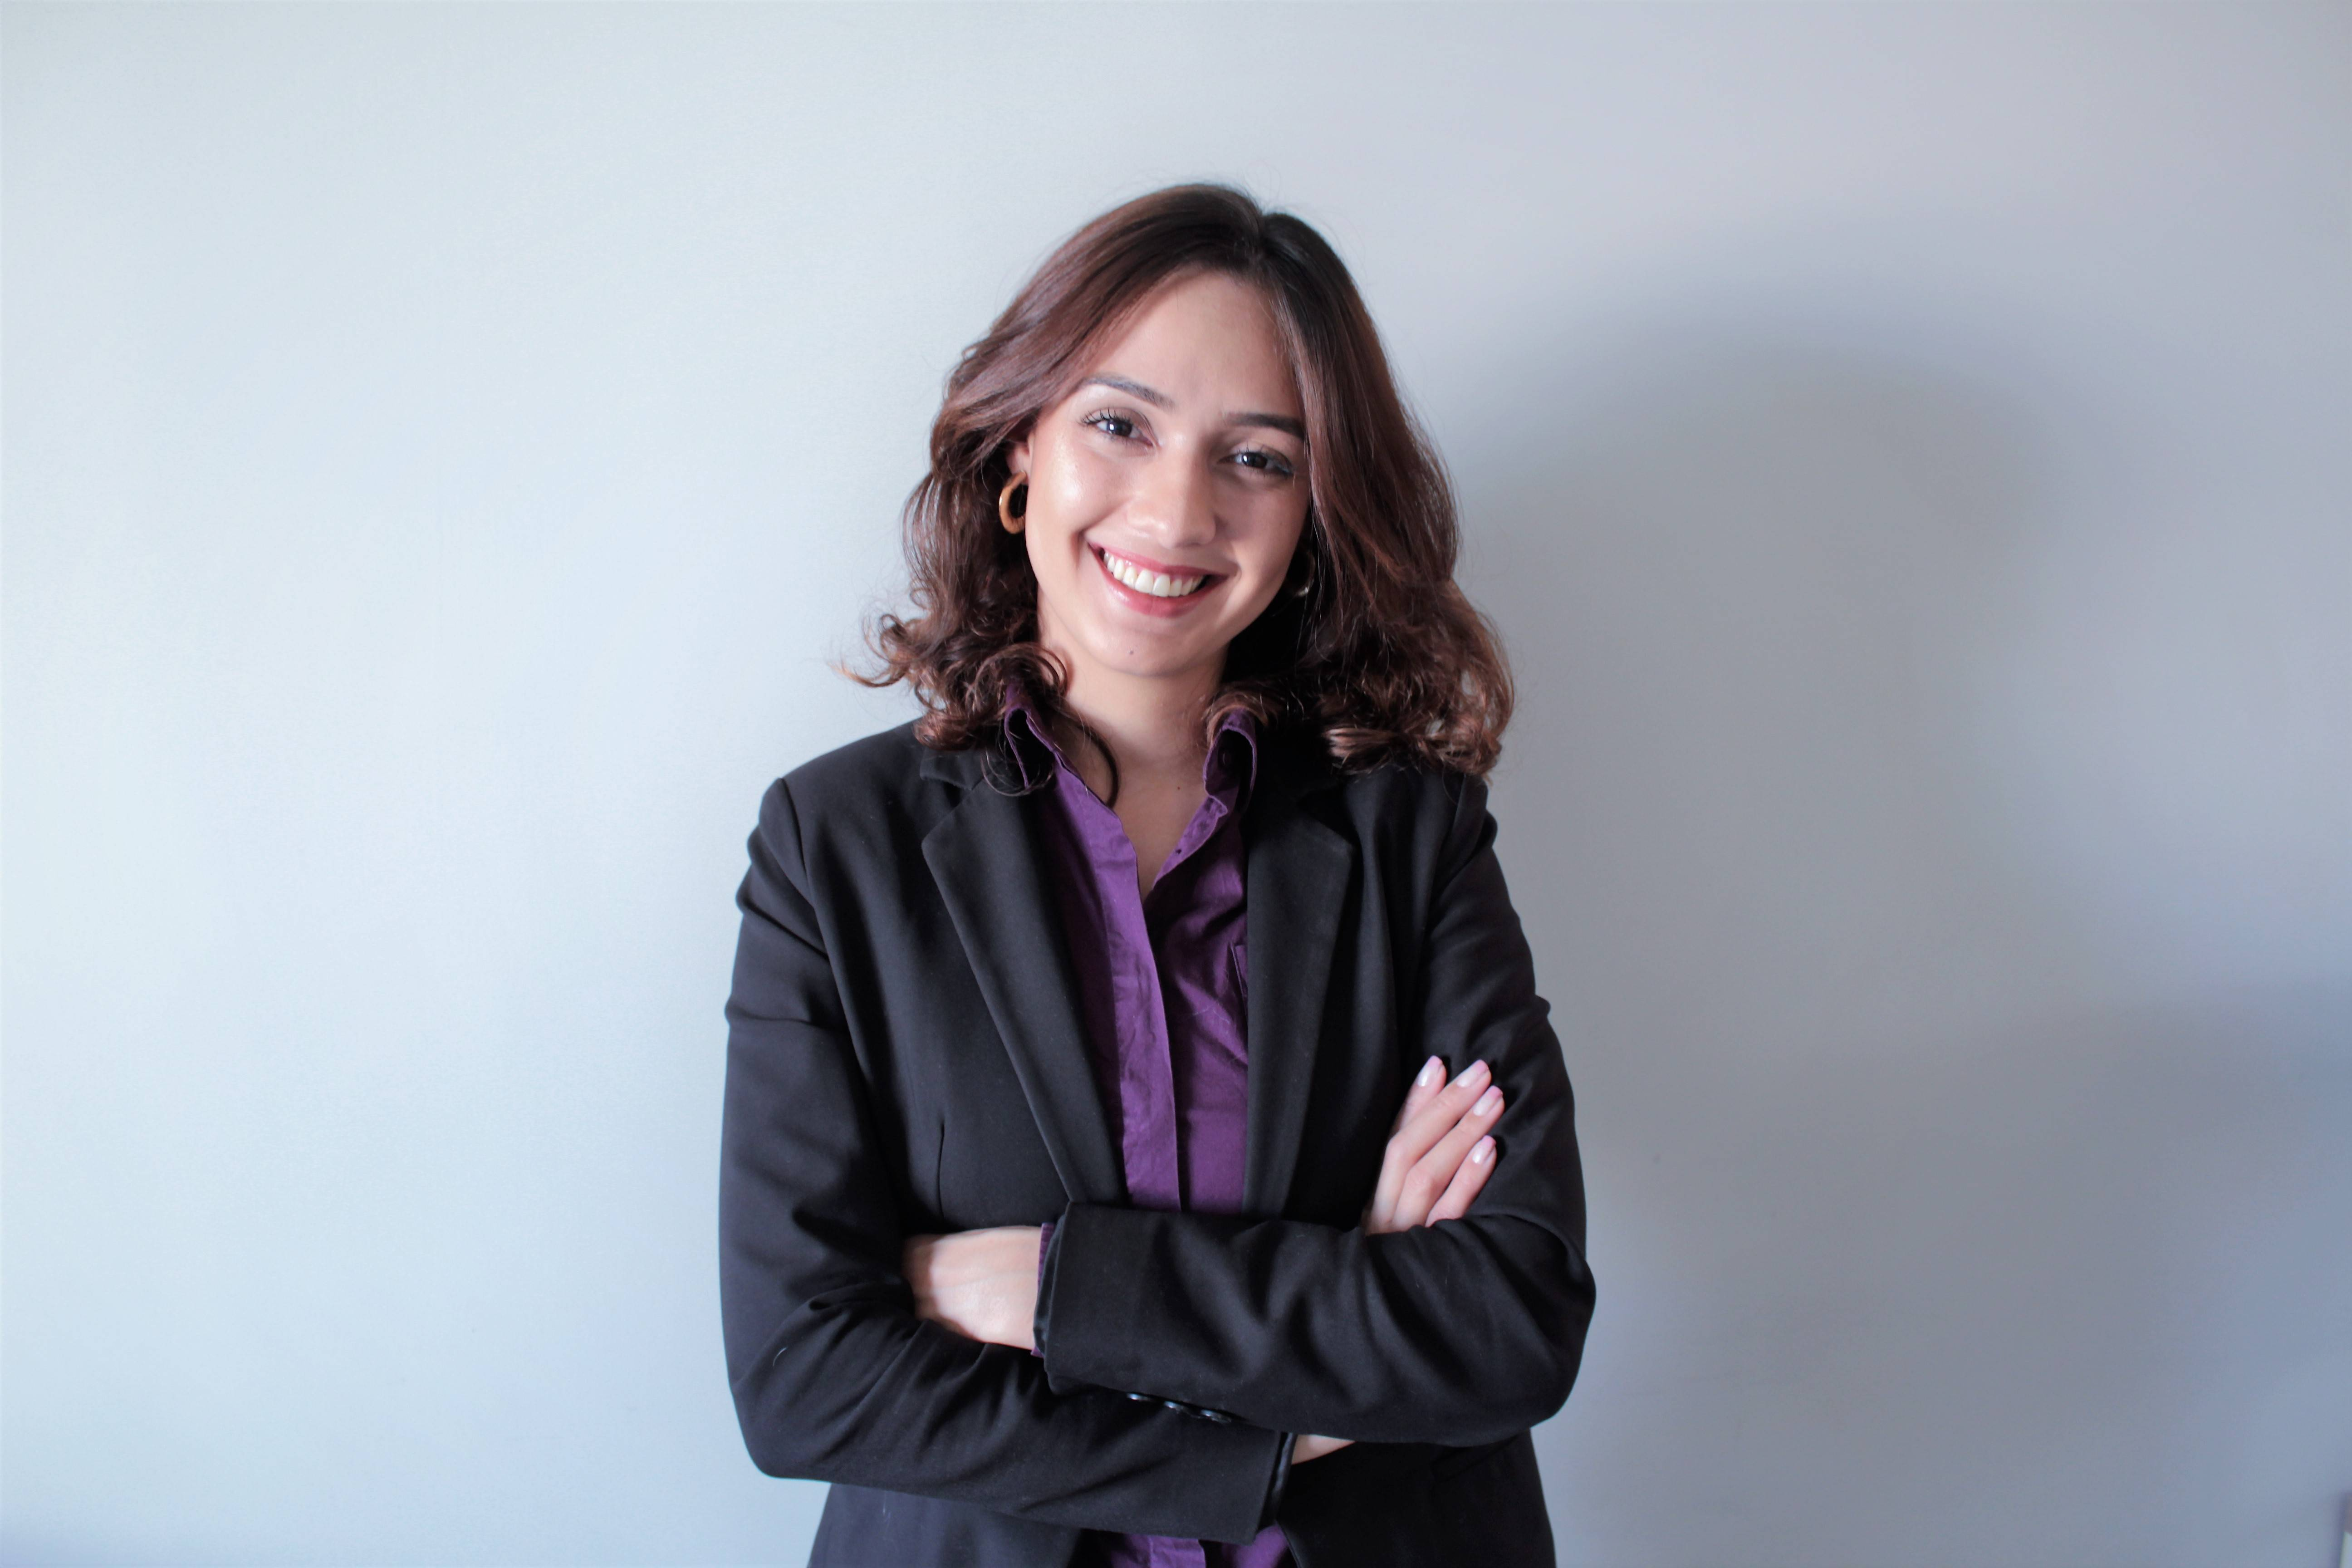 Letícia Gonçalves, coordenadora  de negócios do Instituto Senai de Tecnologia em Construção Civil. Foto: Divulgação.